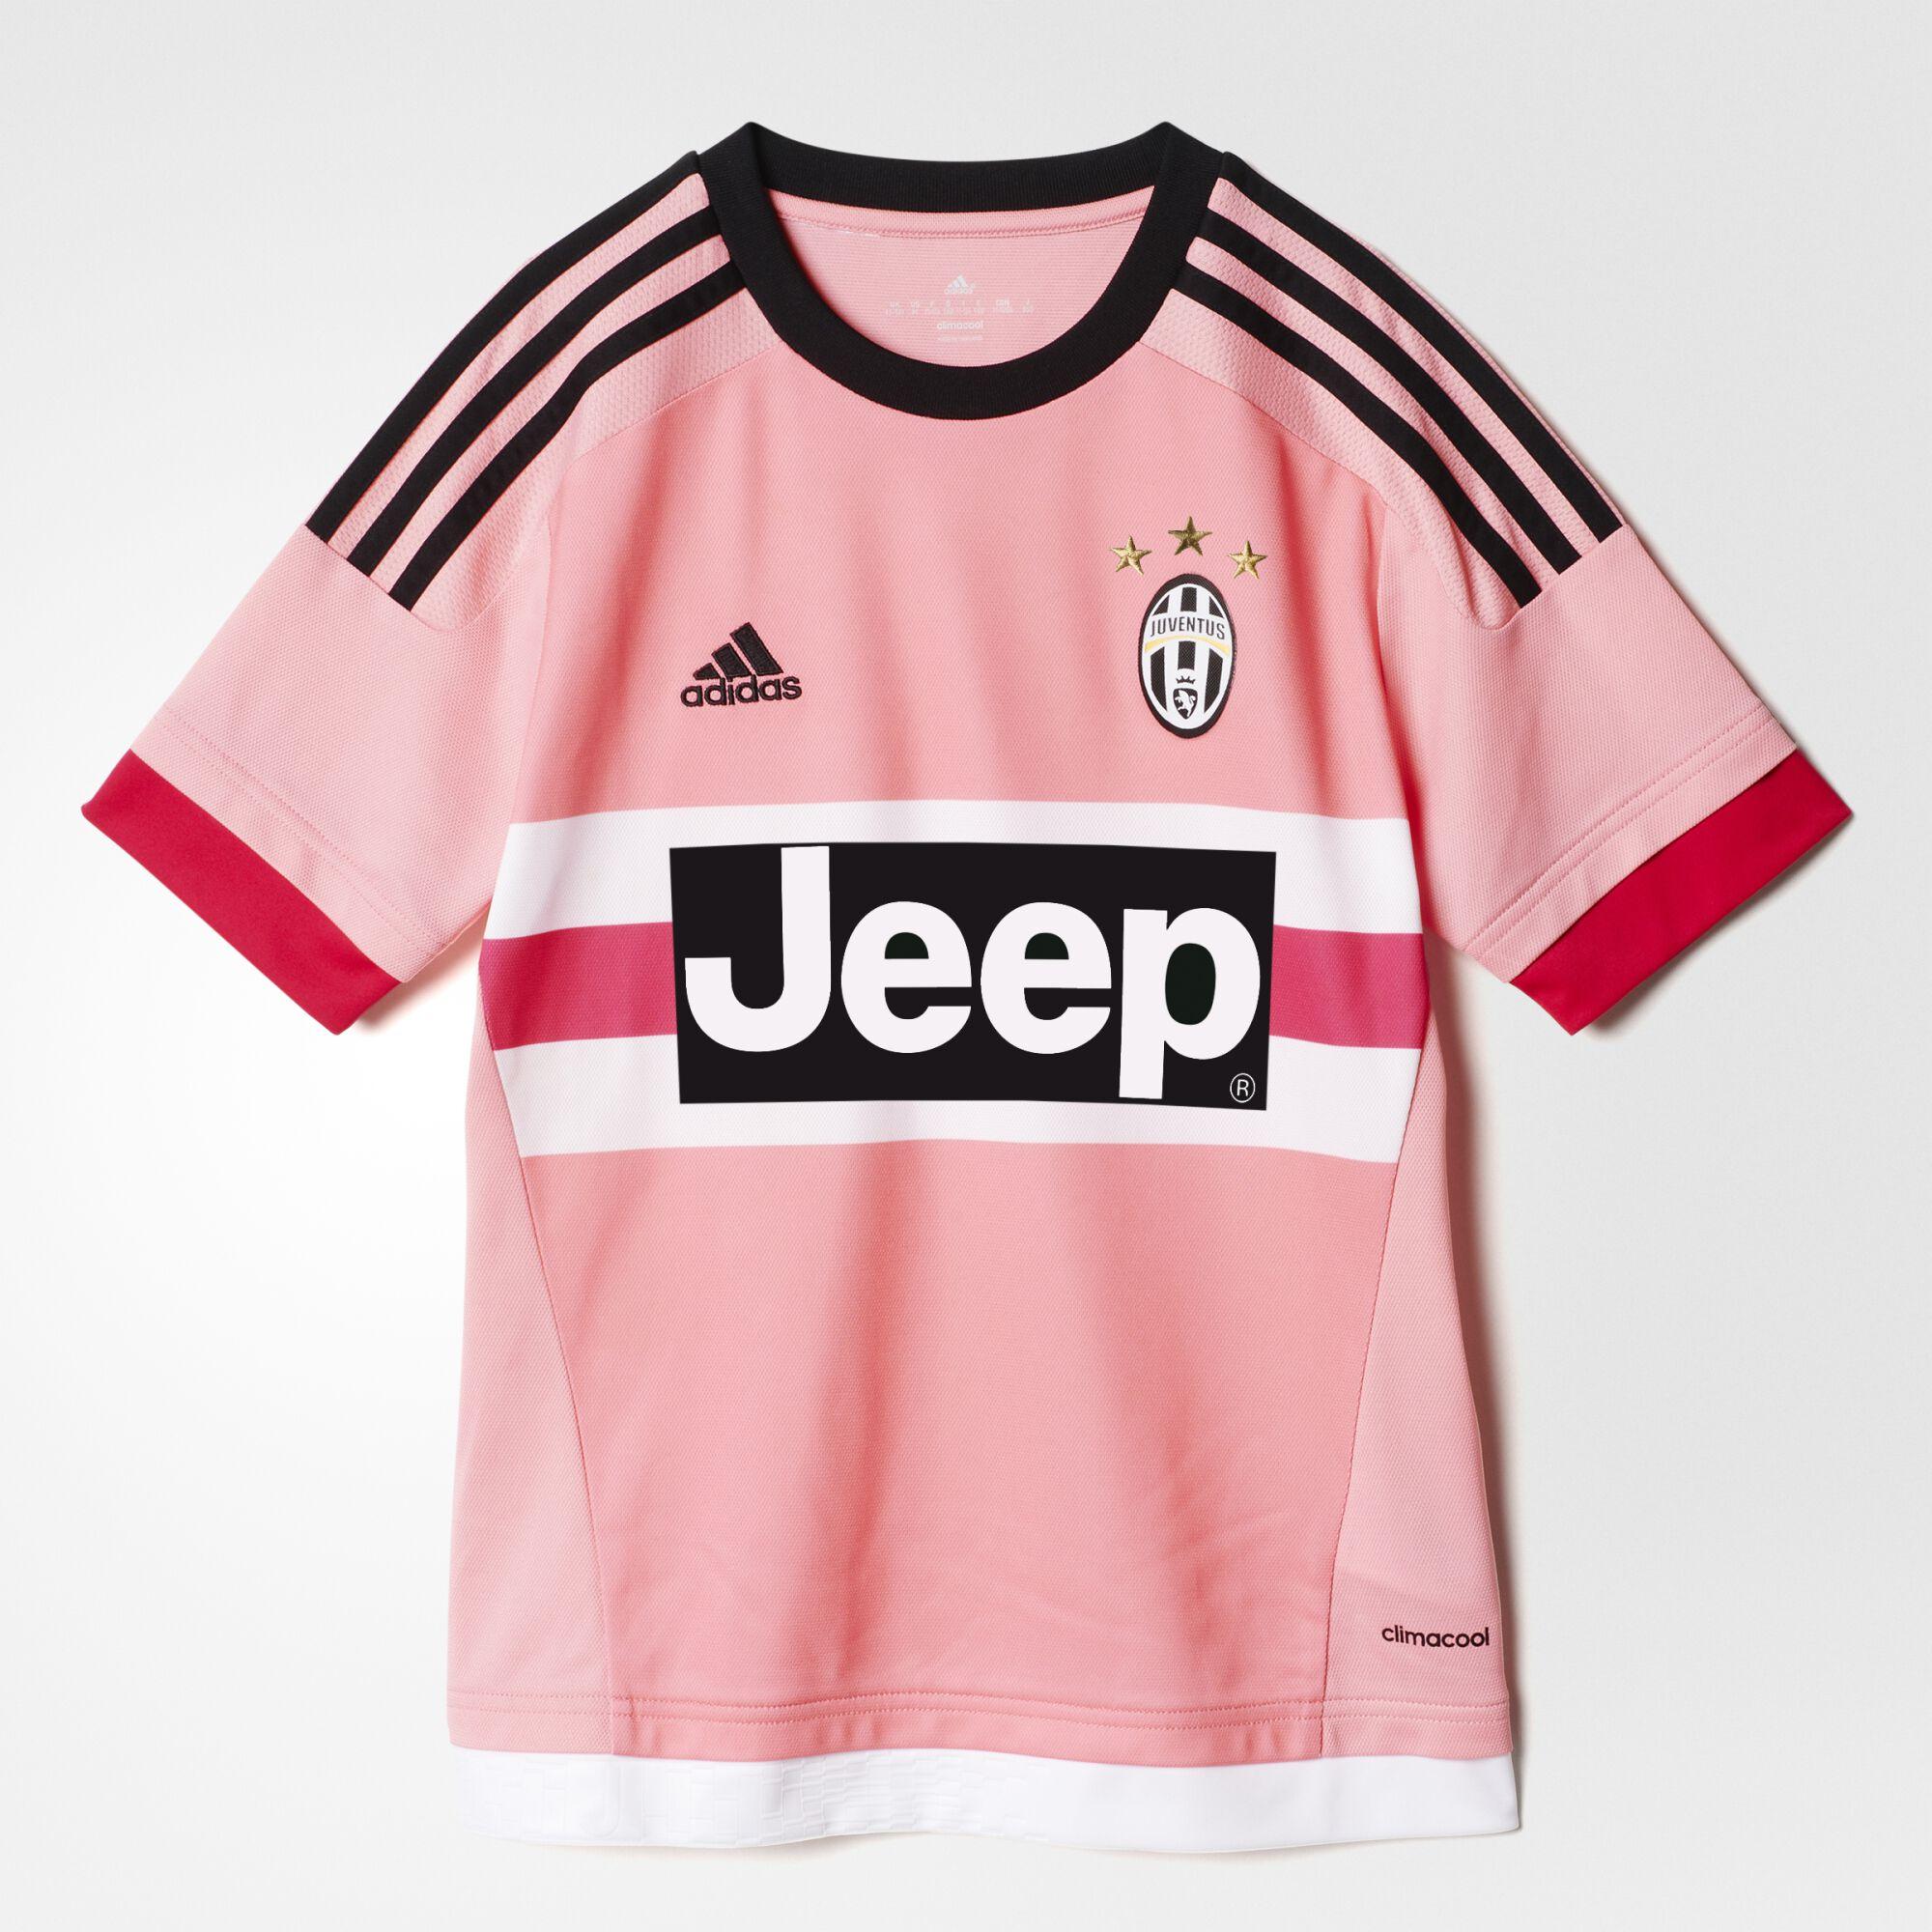 adidas juventus jersey pink